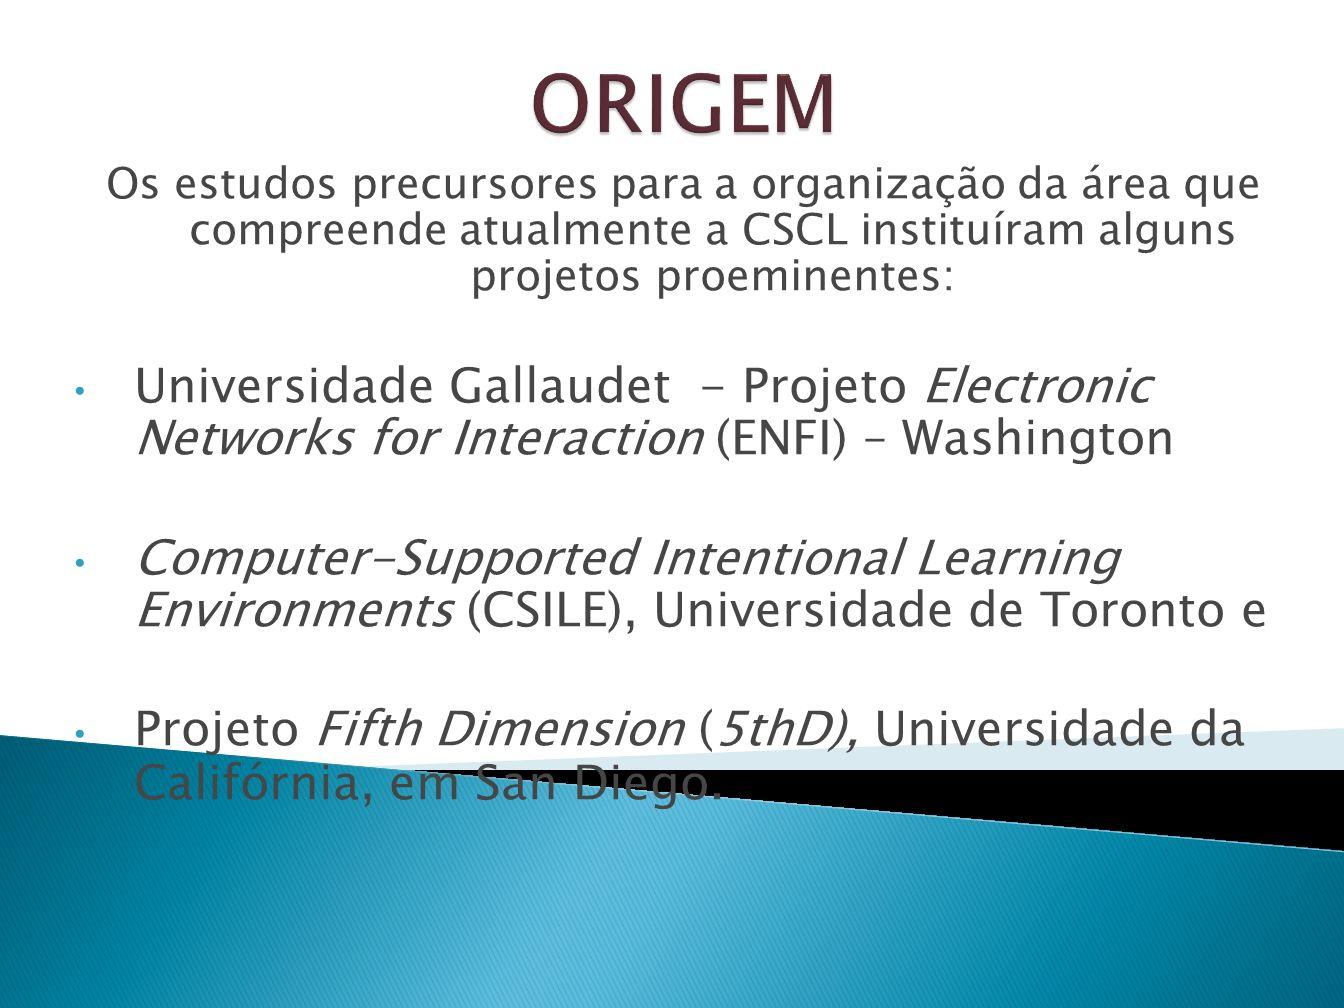 Os estudos precursores para a organização da área que compreende atualmente a CSCL instituíram alguns projetos proeminentes: Universidade Gallaudet -